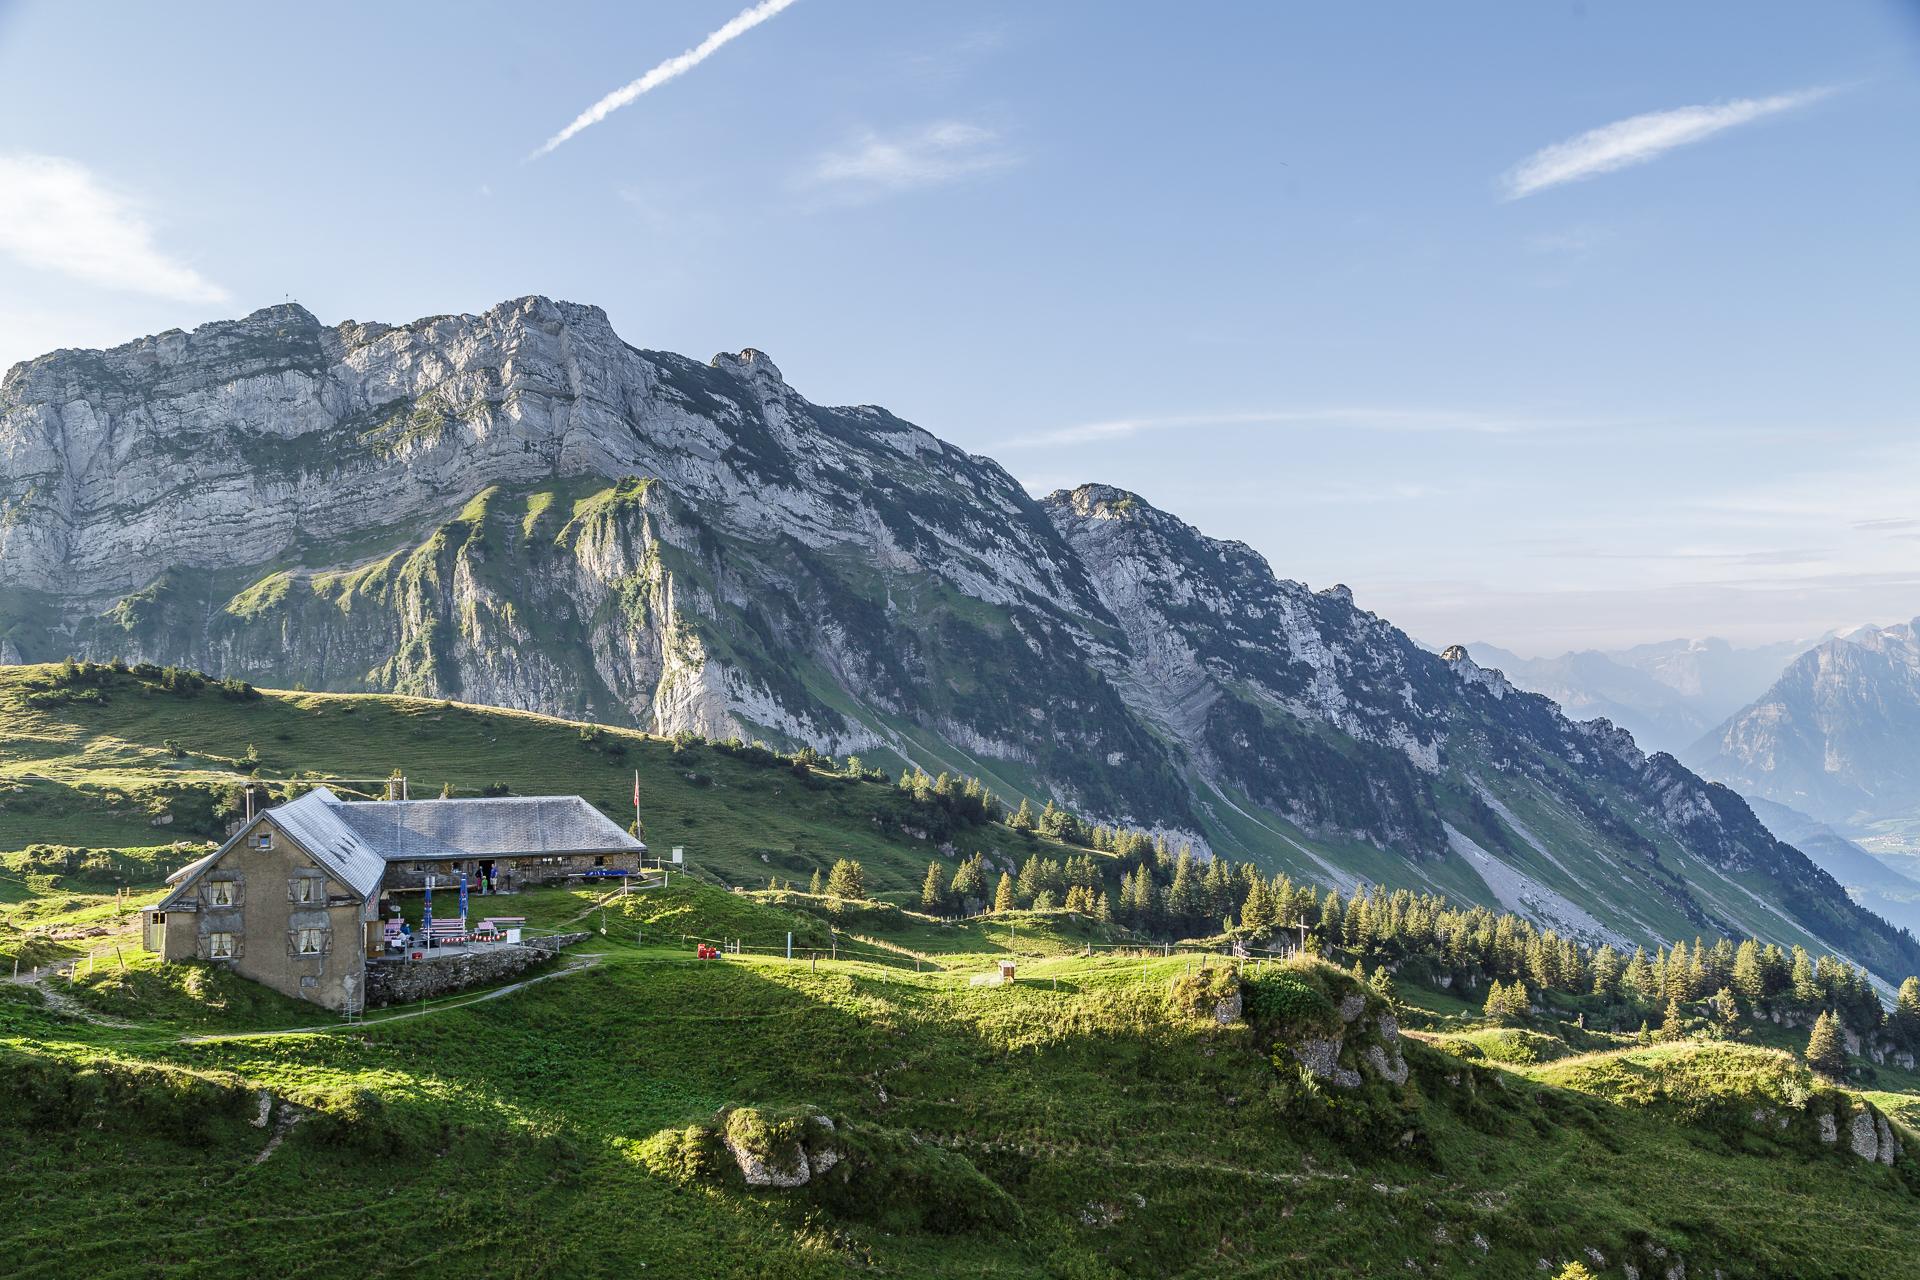 Klettersteig Engstligenalp : Klettersteig archive ⋆ geo